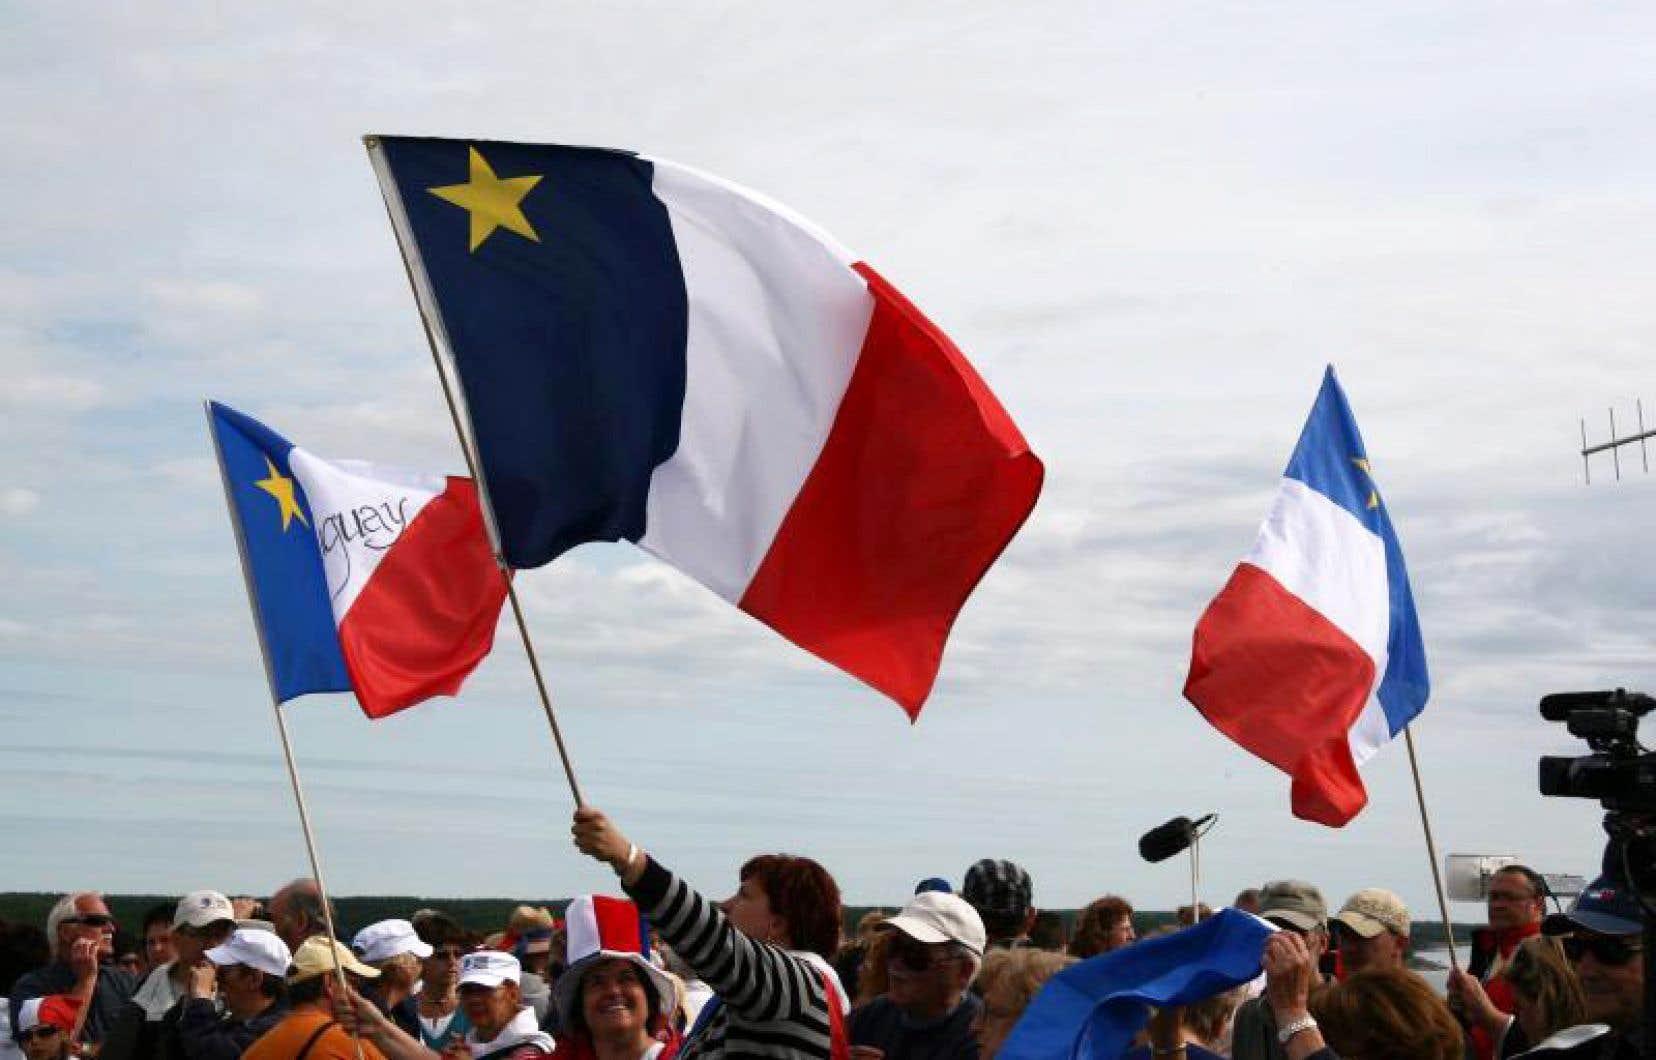 «Serait-il possible pour les Acadiens de la péninsule de s'unifier pour former une seule ville ou entité administrative pour l'ensemble des habitants?» s'interrogent les auteurs.